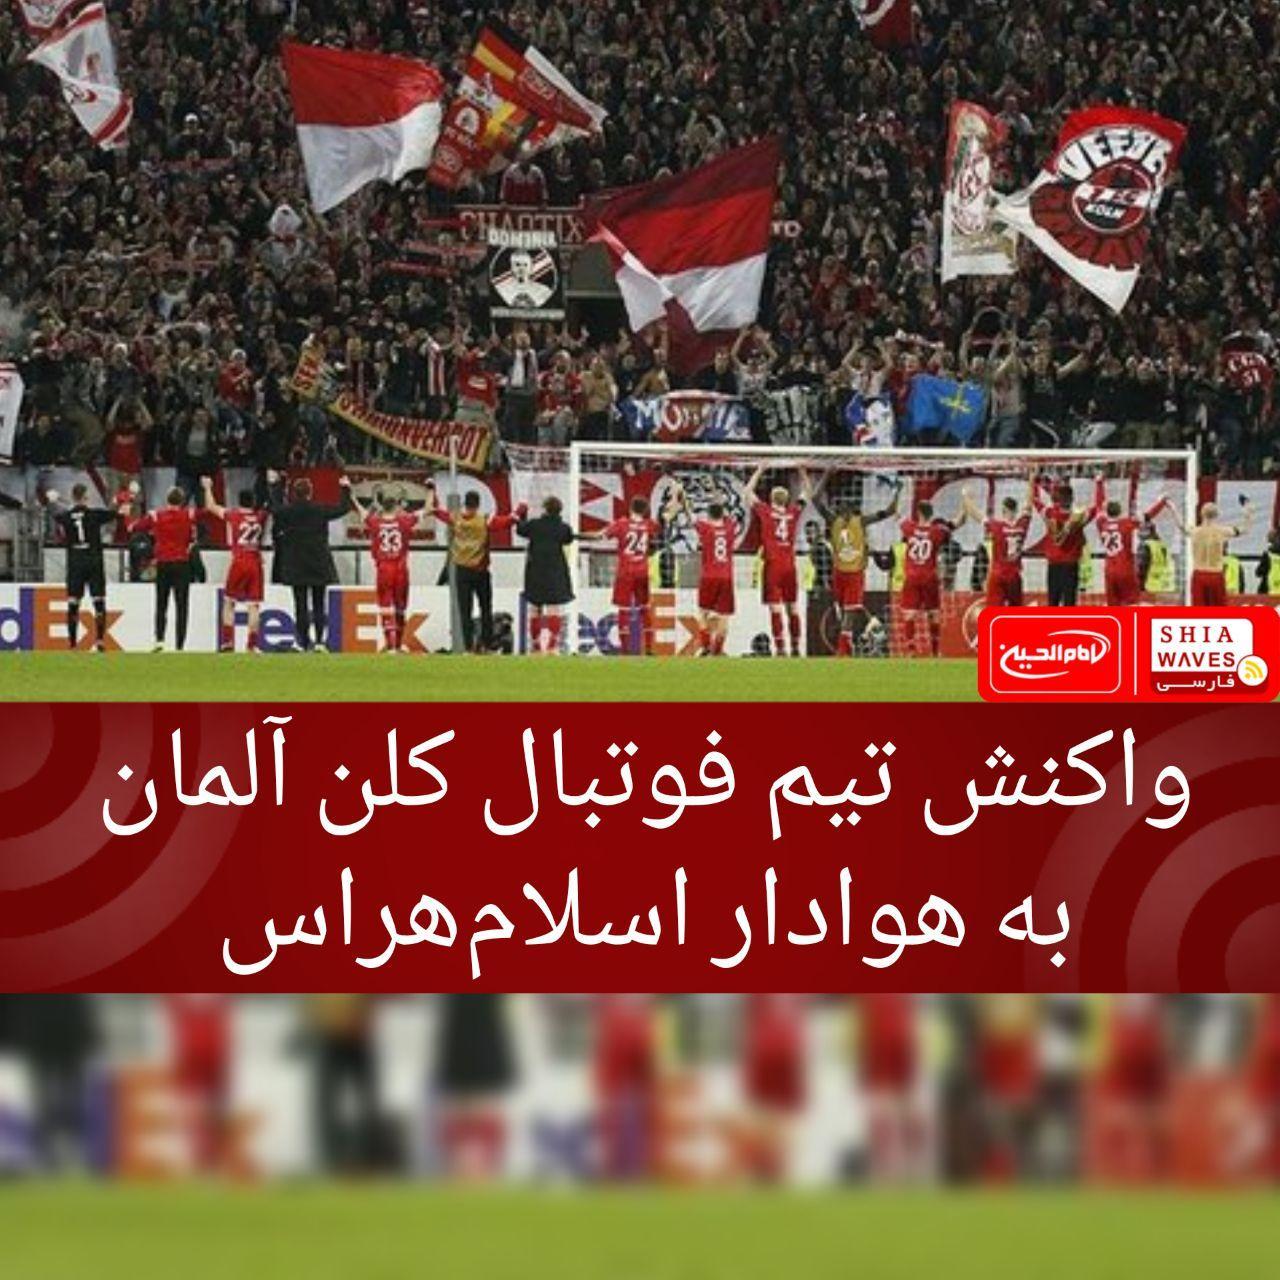 تصویر واکنش تیم فوتبال کلن آلمان به هوادار اسلامهراس